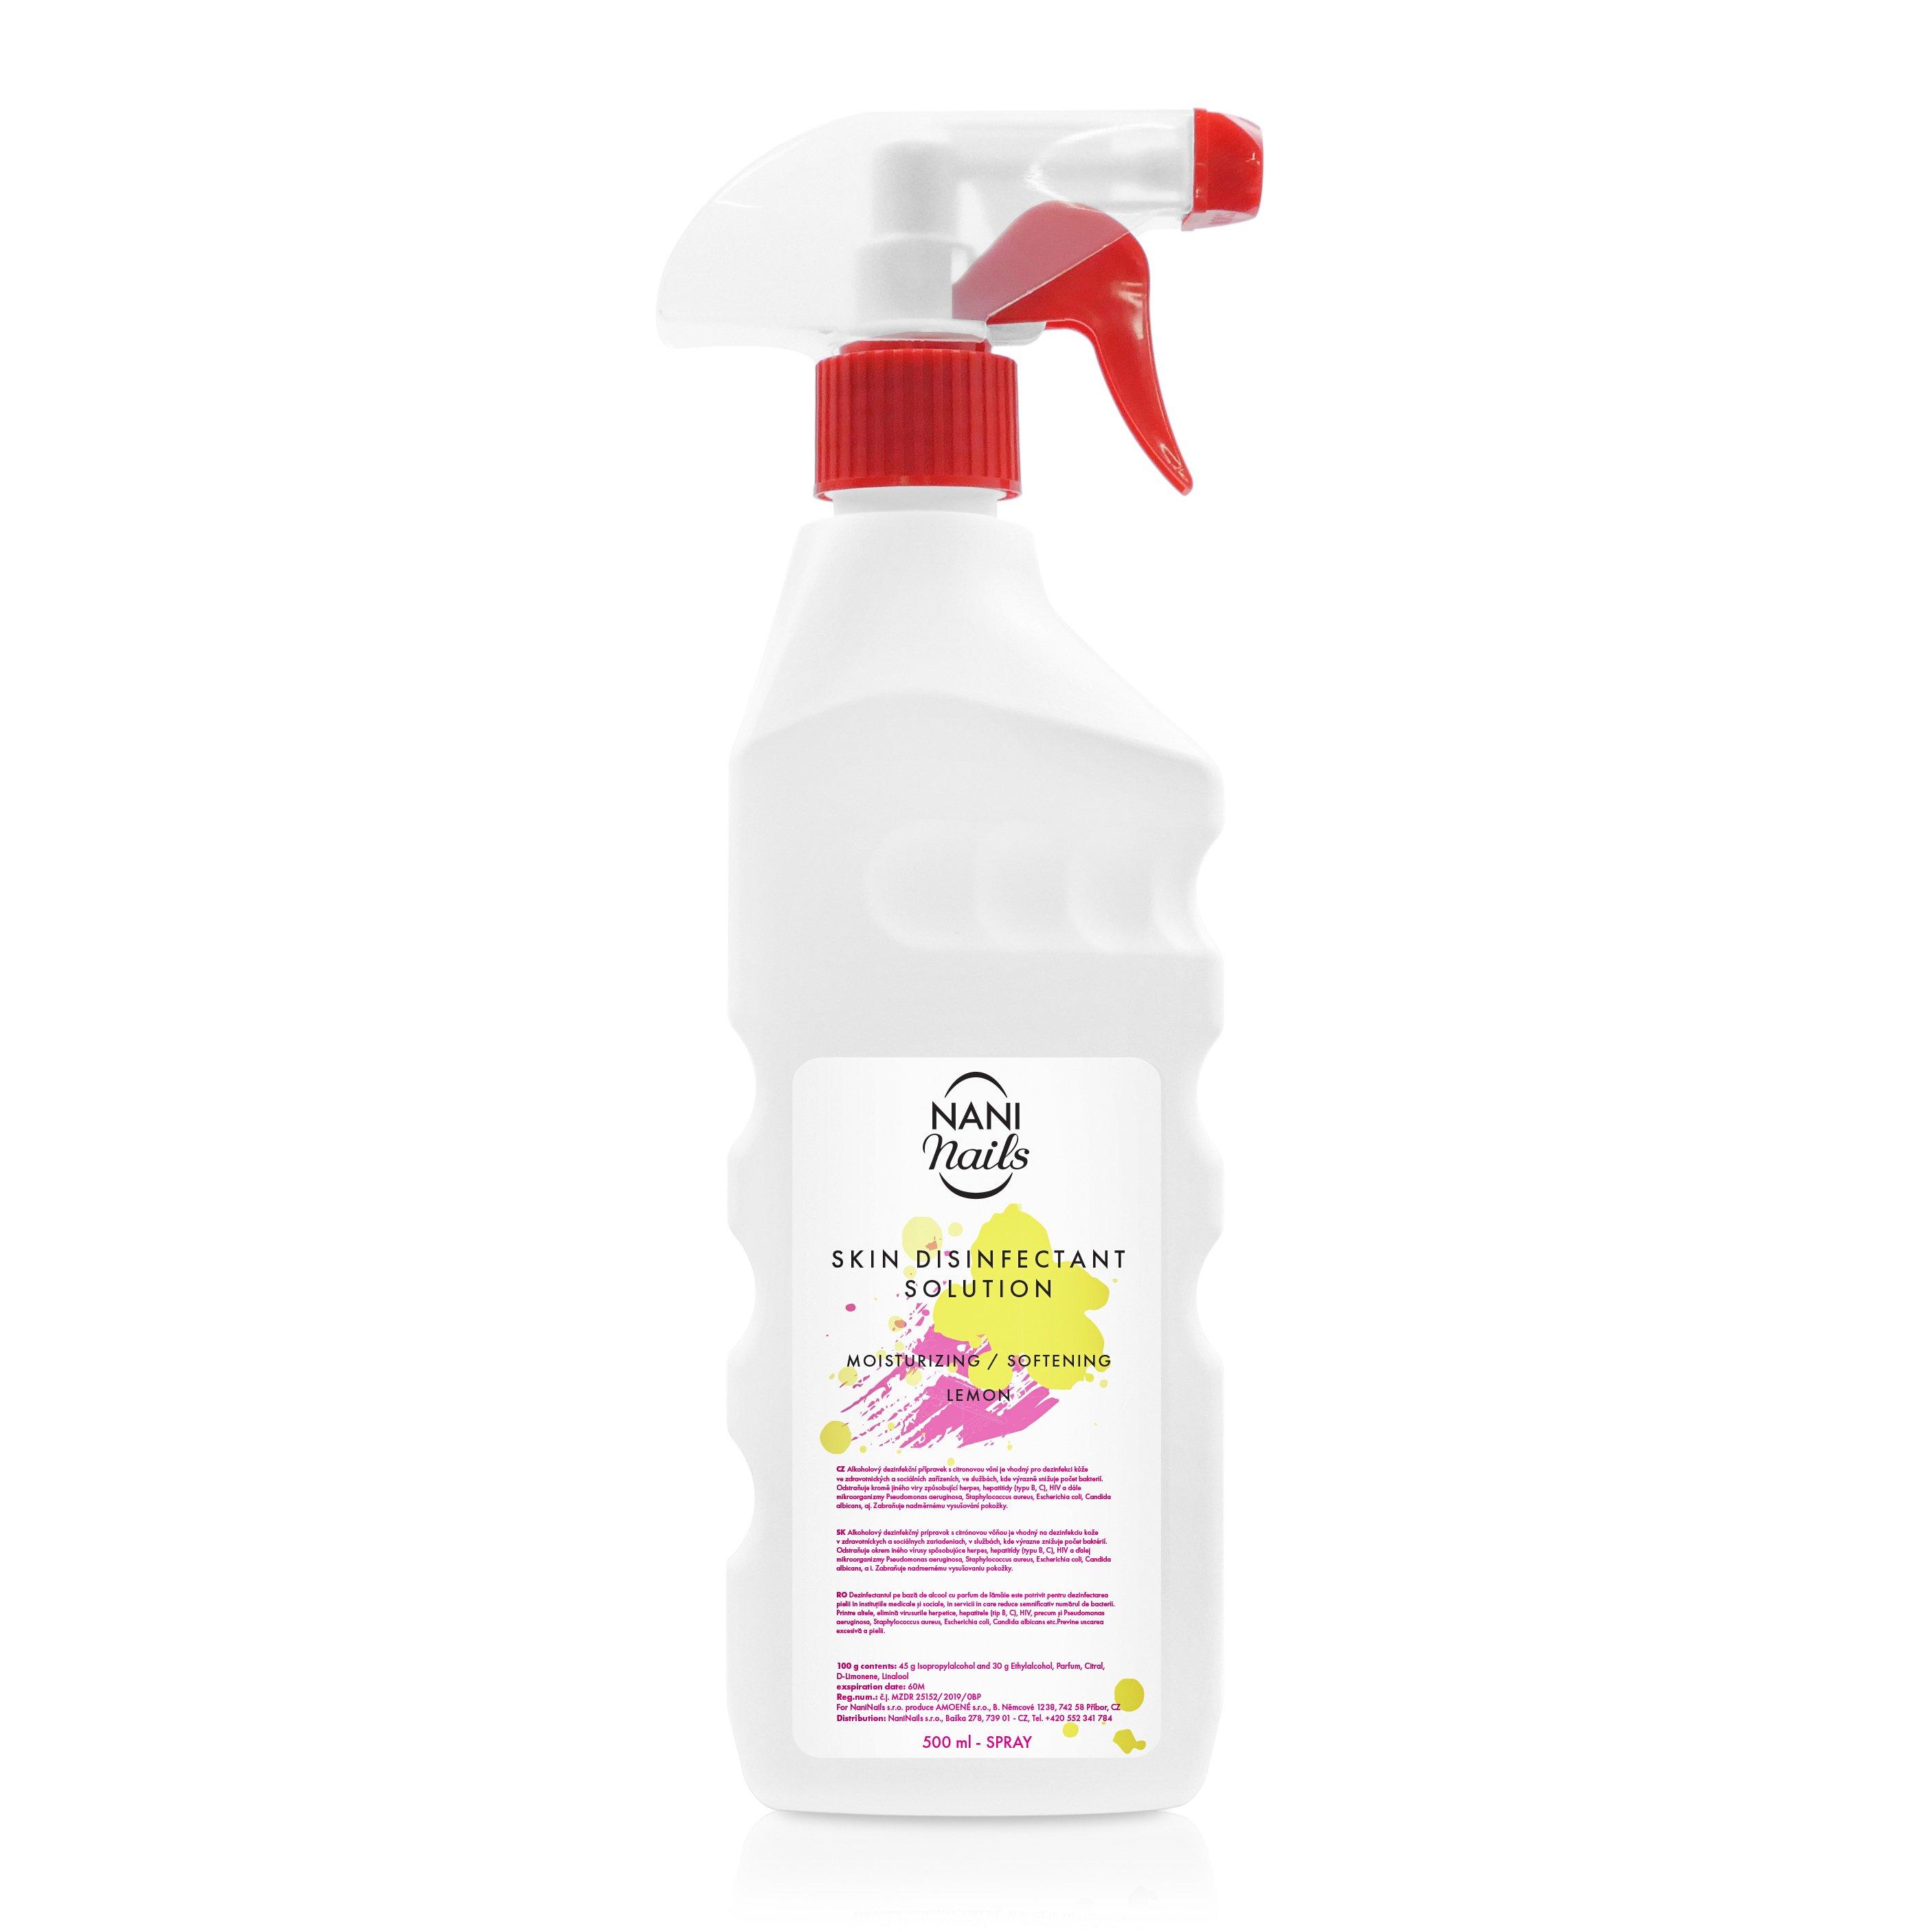 NANI Lavosept dezinfekce na ruce 500 ml - Lemon